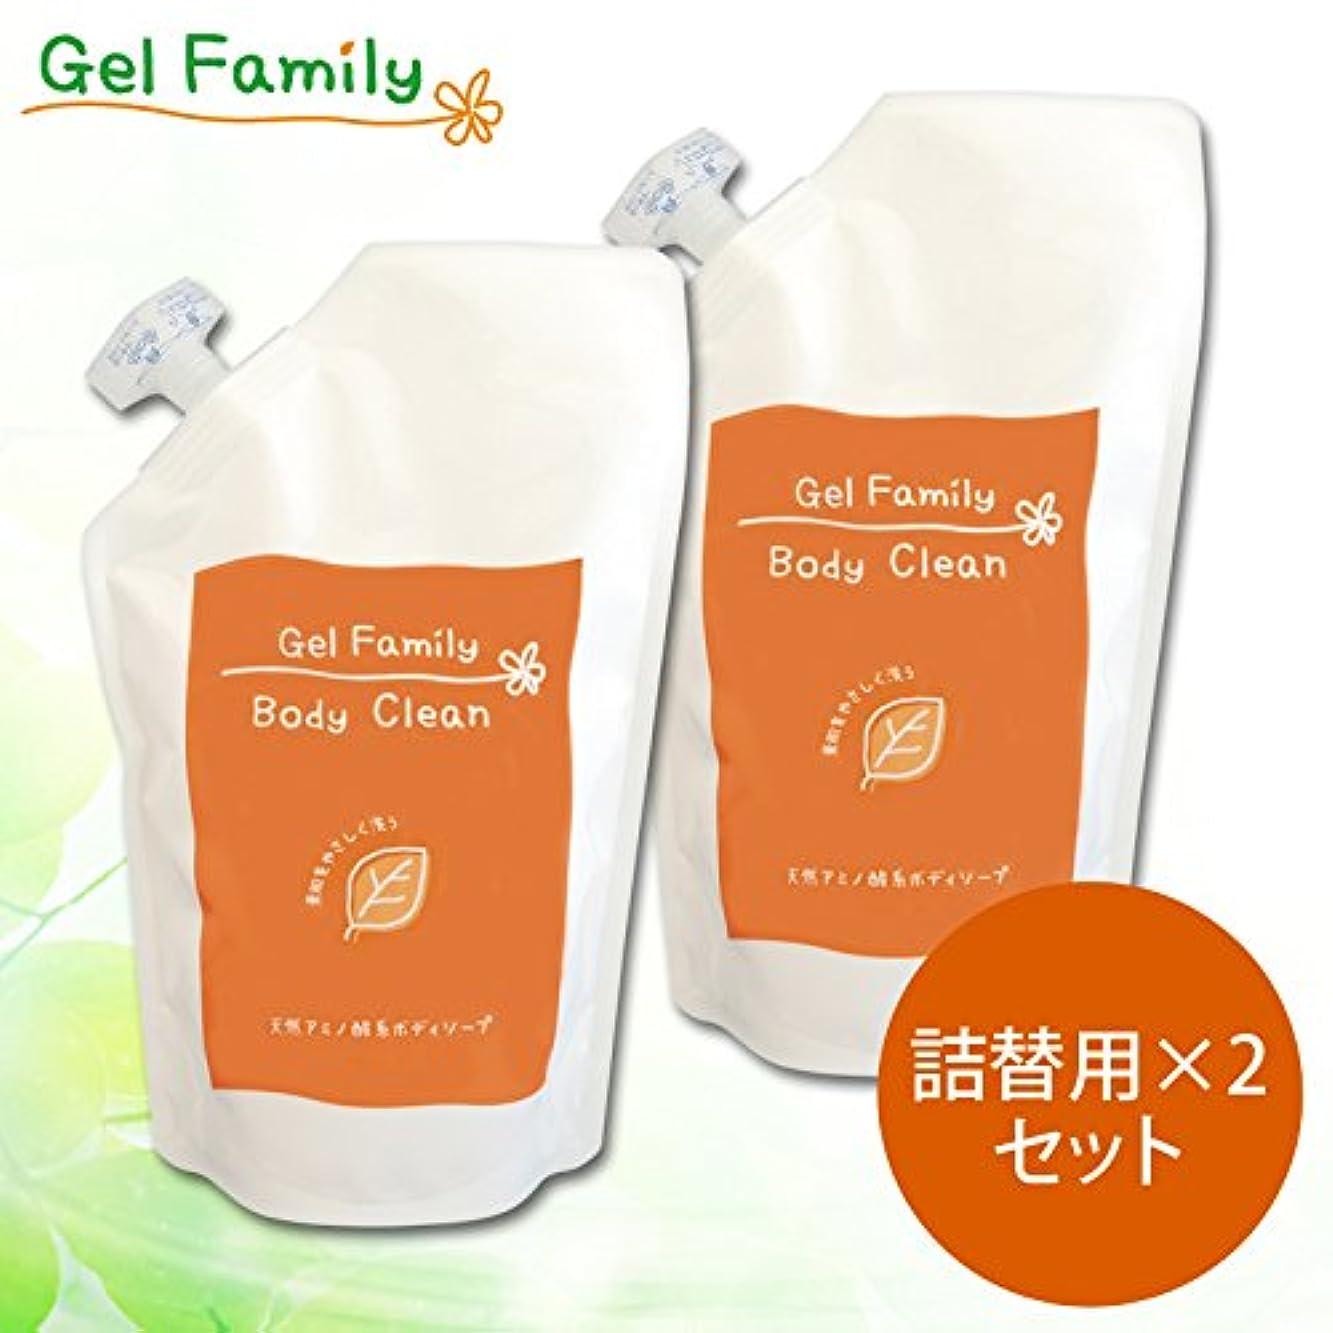 骨神経衰弱投資するゲルファミリーボディクリーン詰め替え2パックセット【GelFamily】